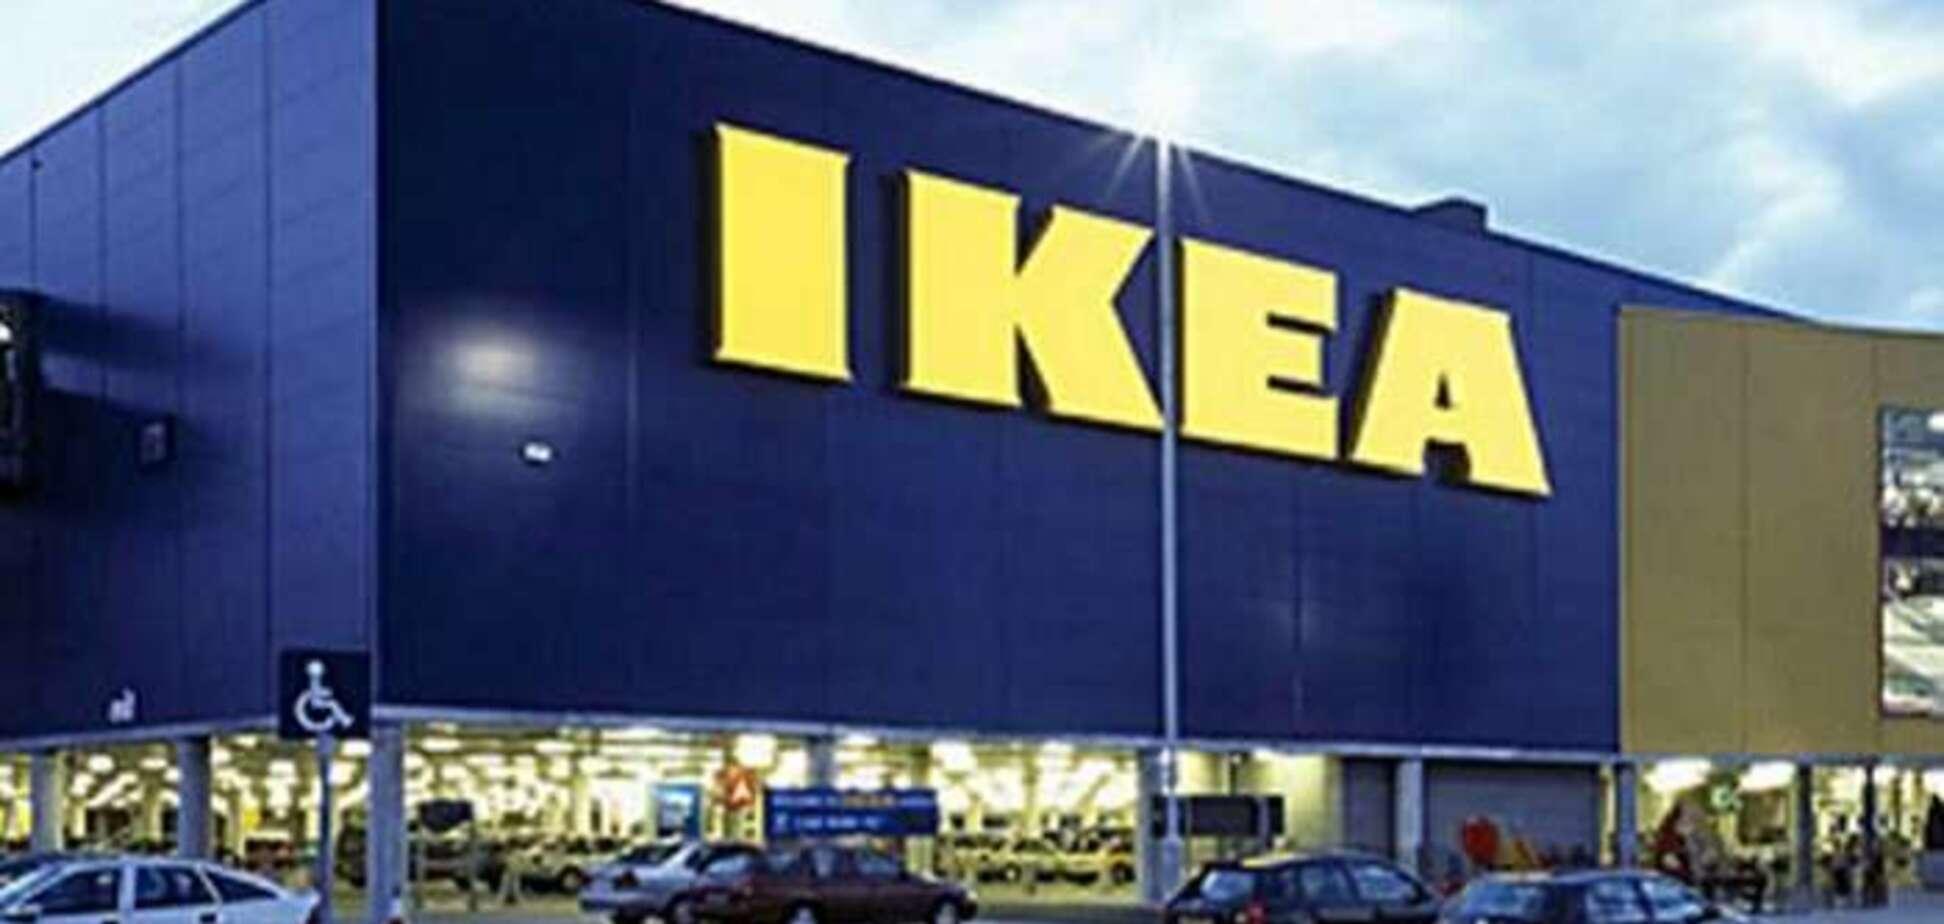 Чому ІКЕА відкриває невеликий магазин в Україні: пояснення